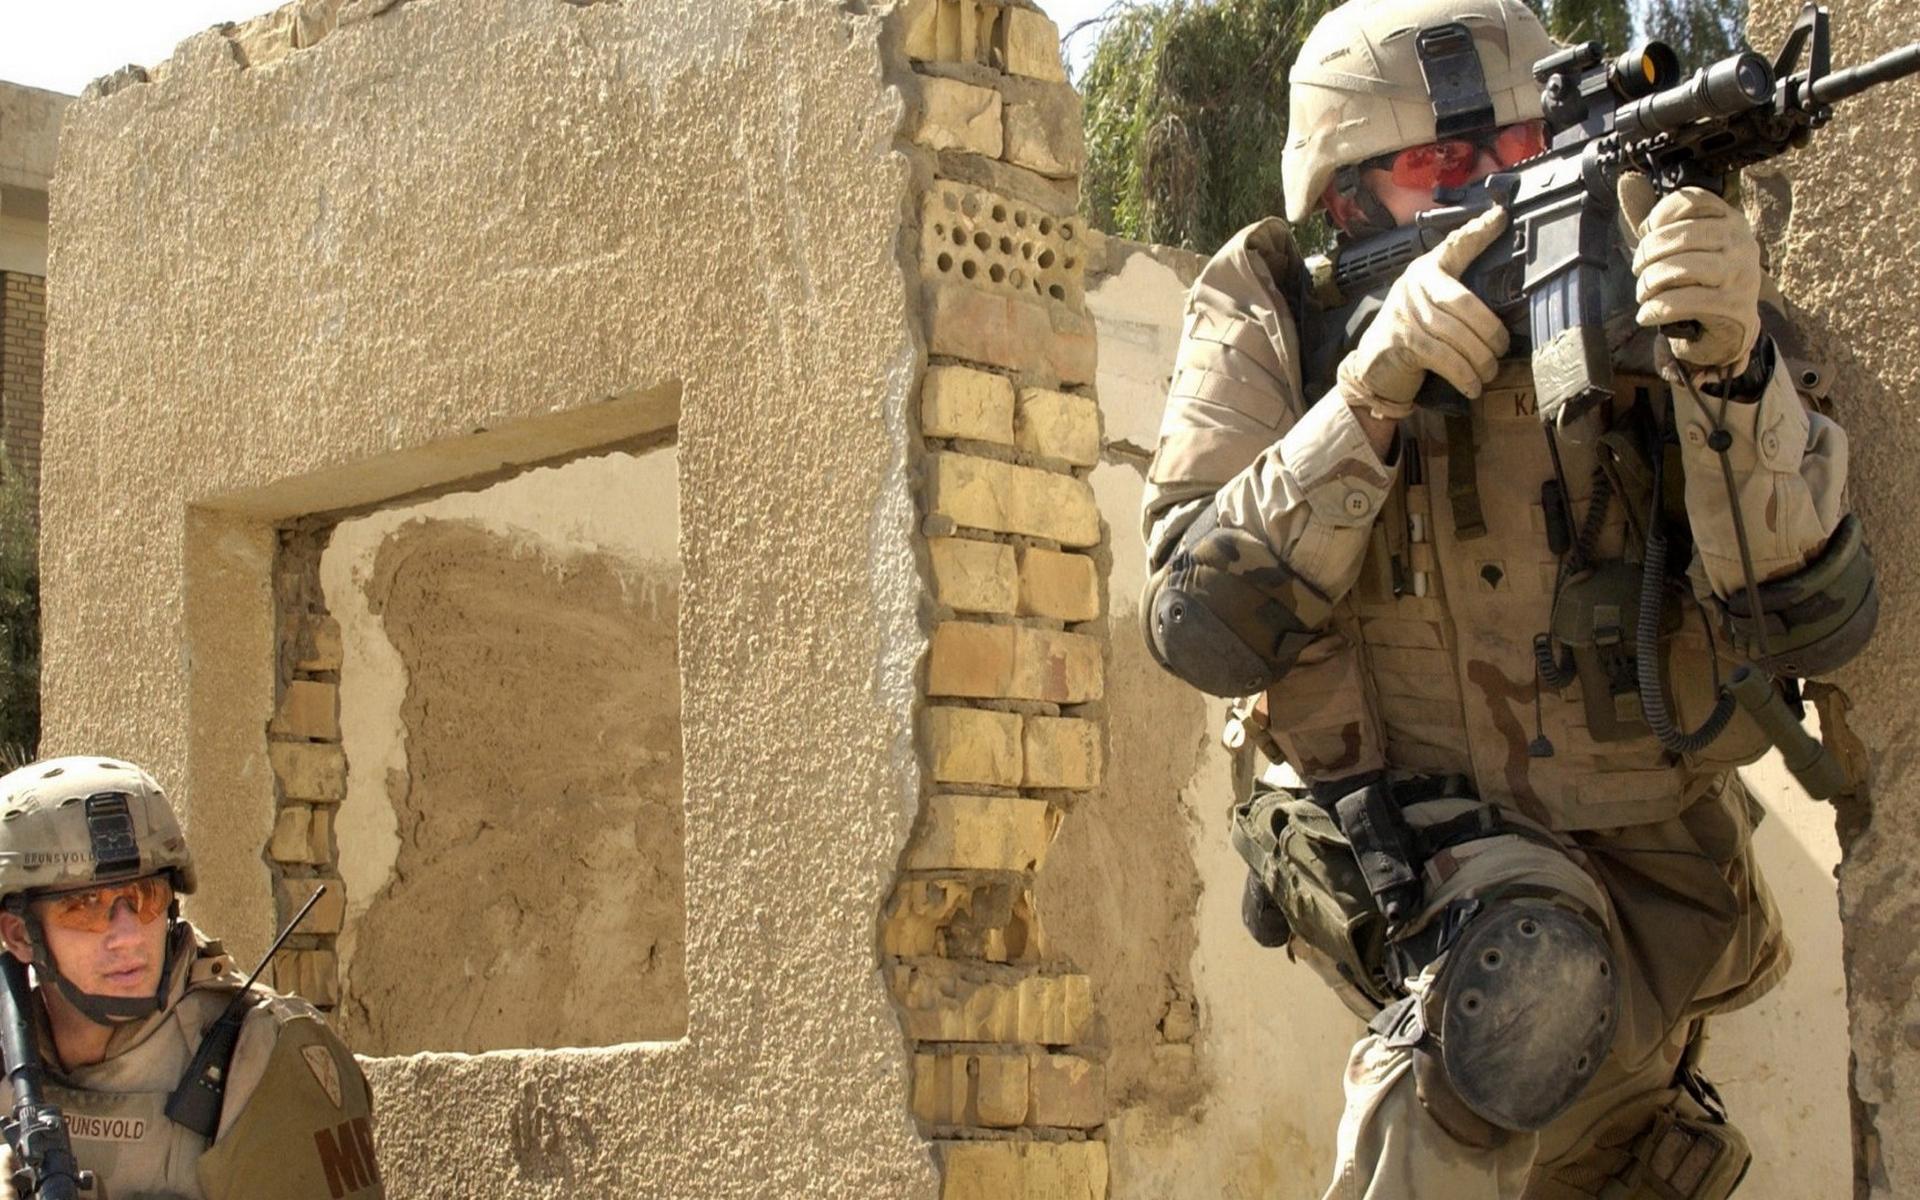 солдаты, тренировка, амуниция